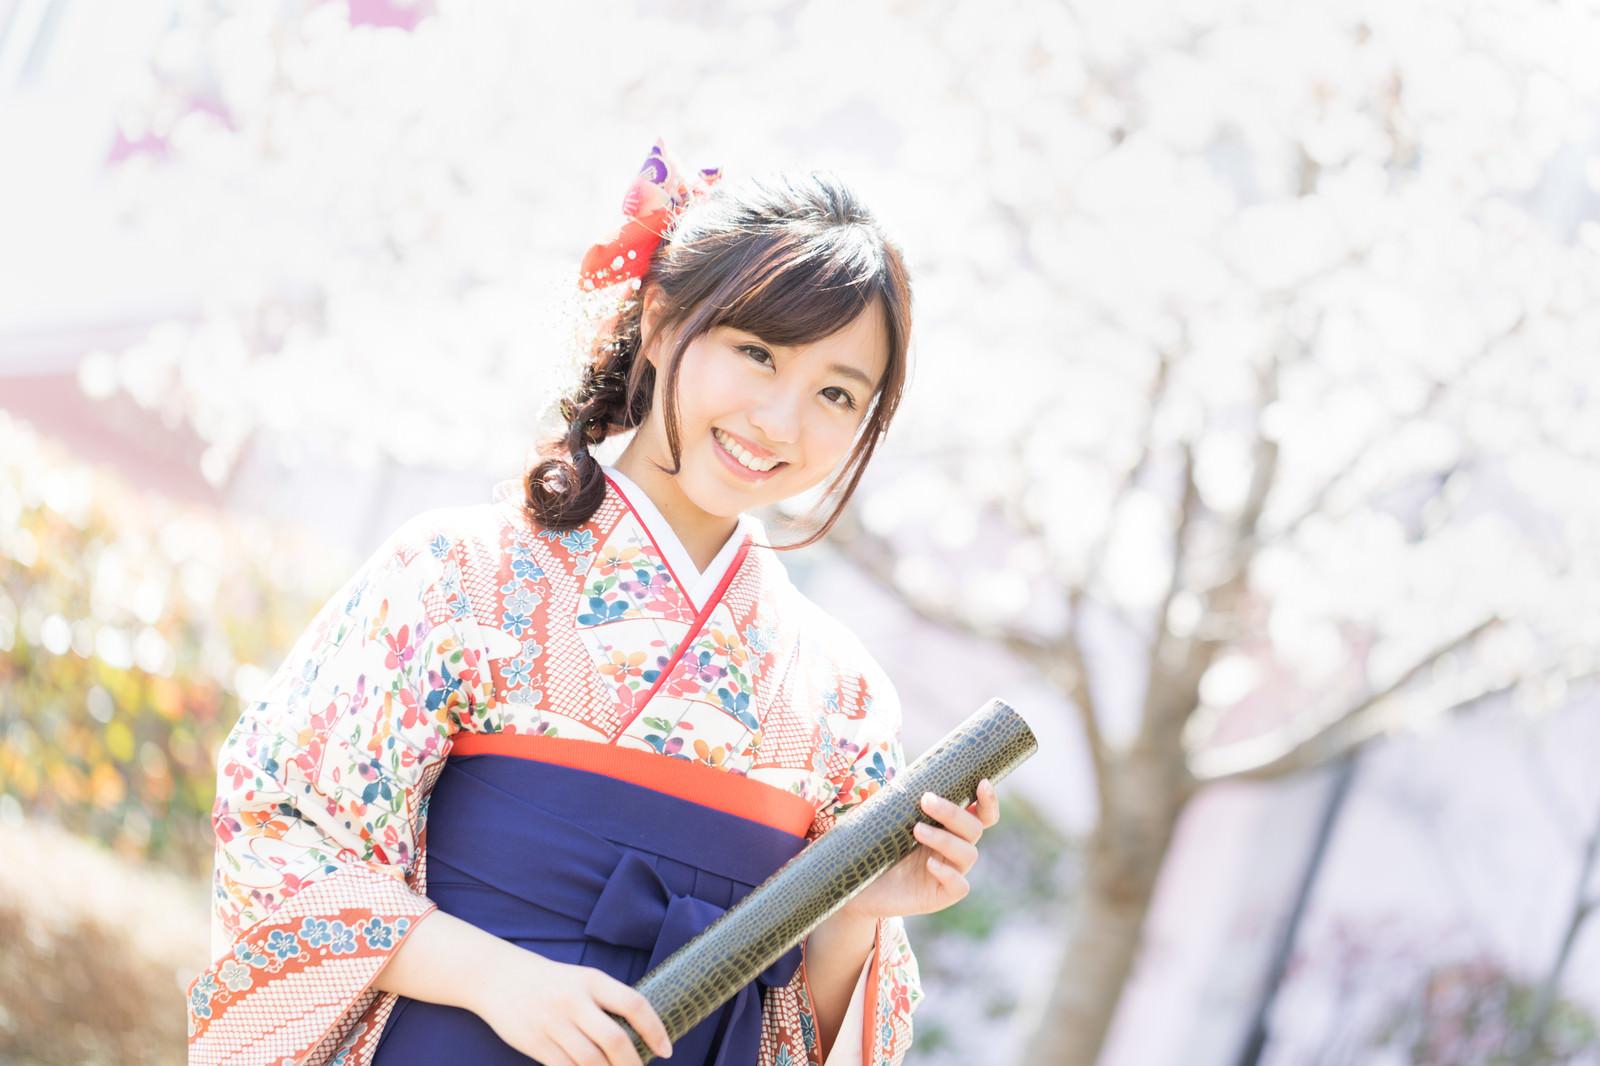 「桜の花と卒業証書を持った袴姿の女性」の写真[モデル:河村友歌]